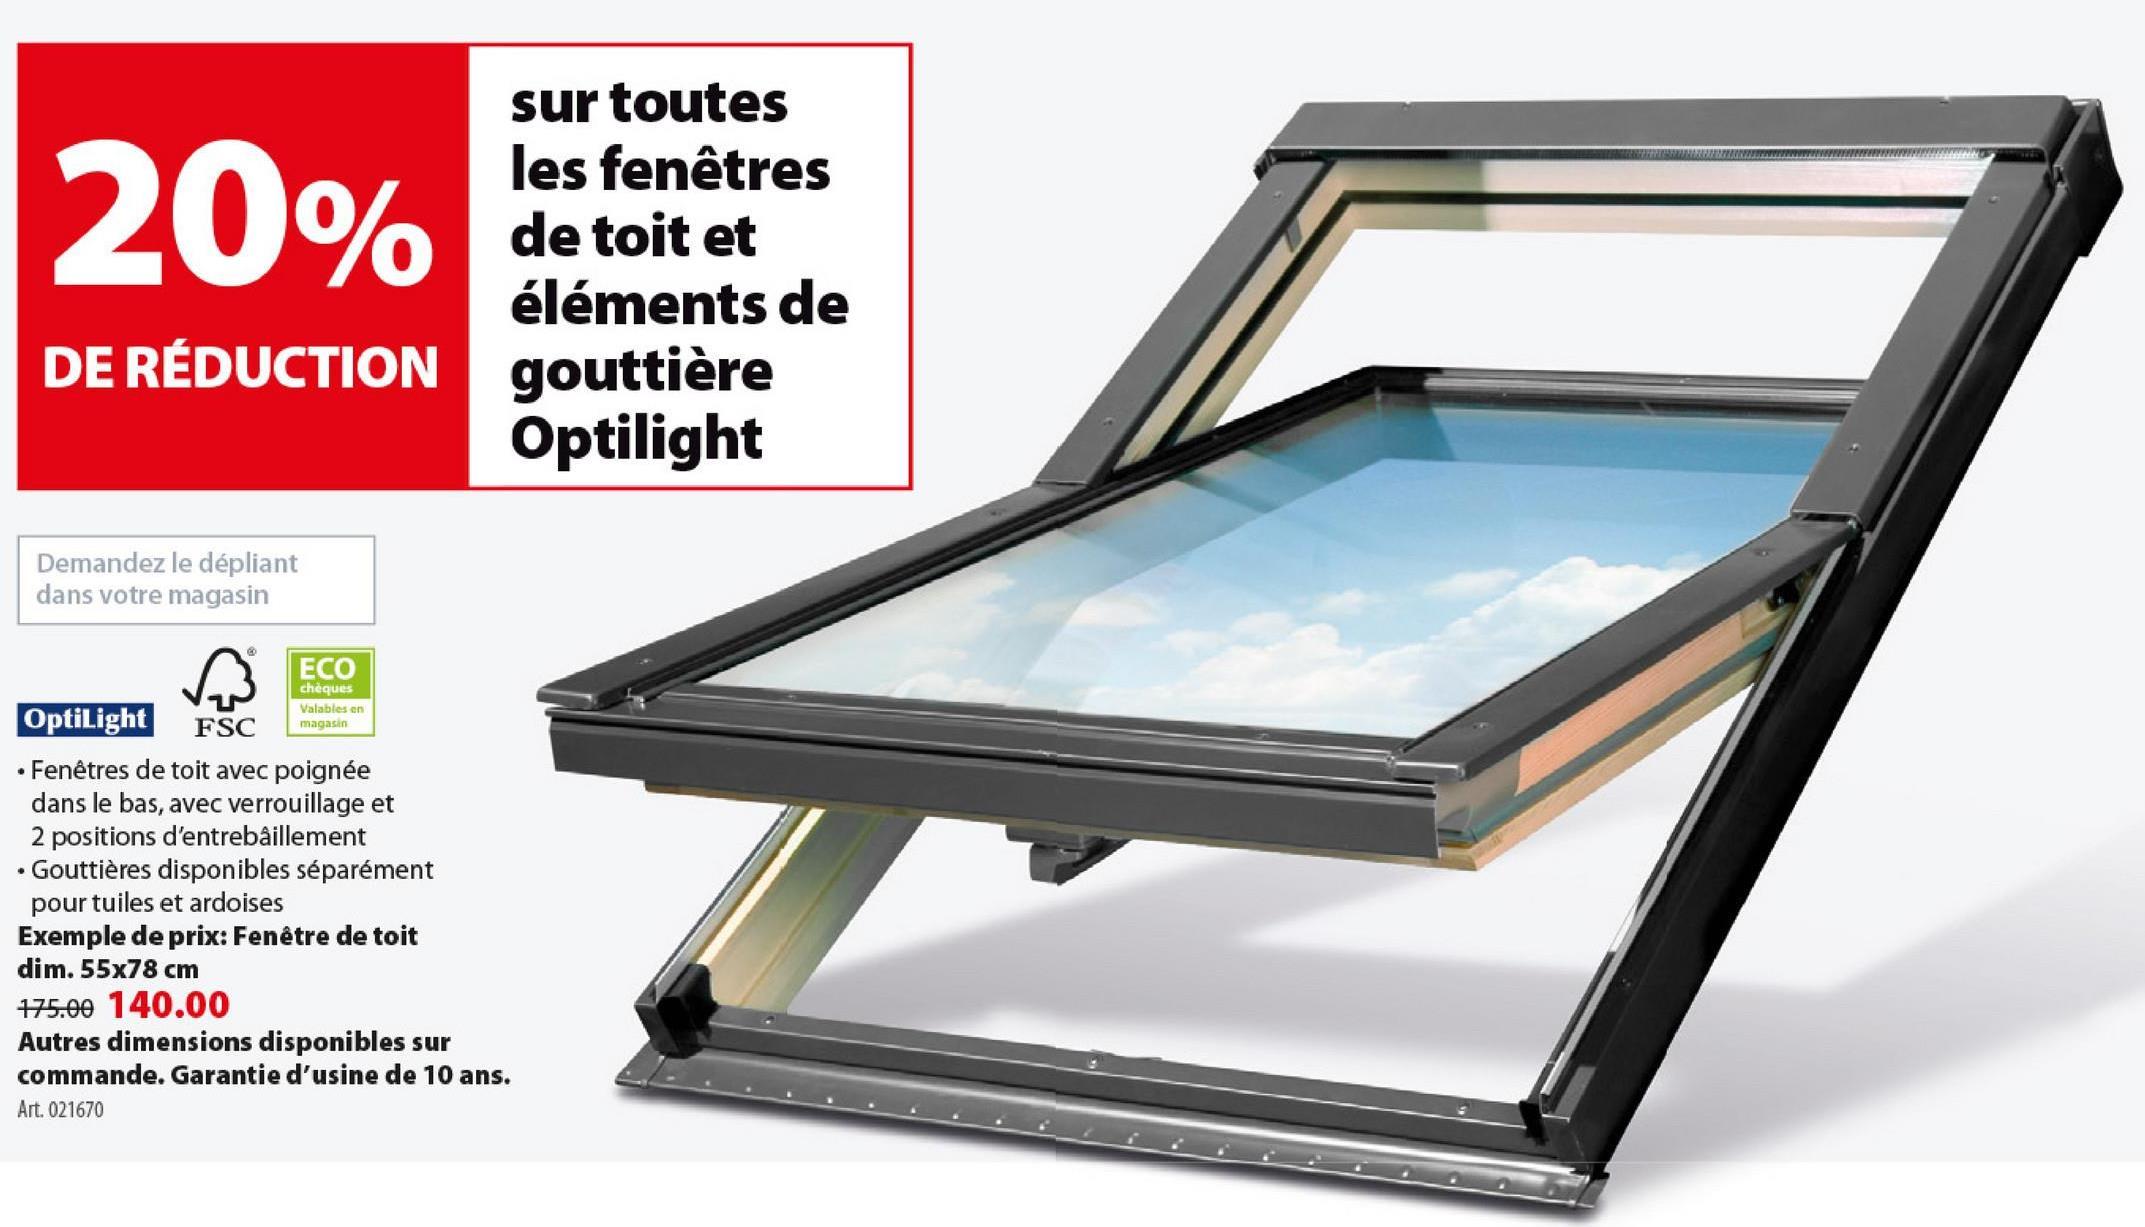 Fenêtre de toit Optilight 78x98 cm À la recherche d'une fenêtre de toit qui laisse pénétrer un maximum de lumière et qui soit aussi très facile à installer vous-même ? Optez pour ce grand modèle rectangulaire Optilight de 78 sur 98 cm, à combiner avec un kit d'écoulement. Fabriqué en bois solide, finition en aluminium noir et verre. Également disponible en d'autres dimensions et finitions.